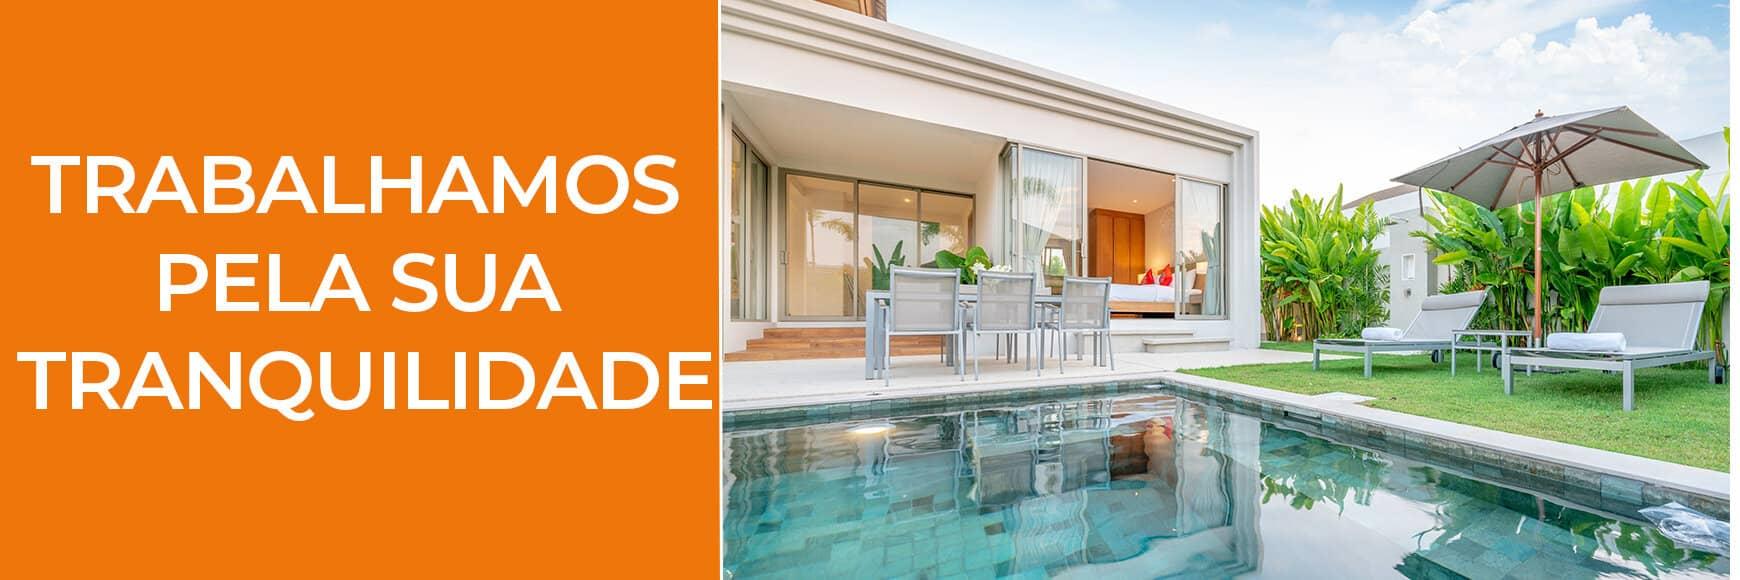 Alugar Casas em Orlando-Orlando Homes Sales